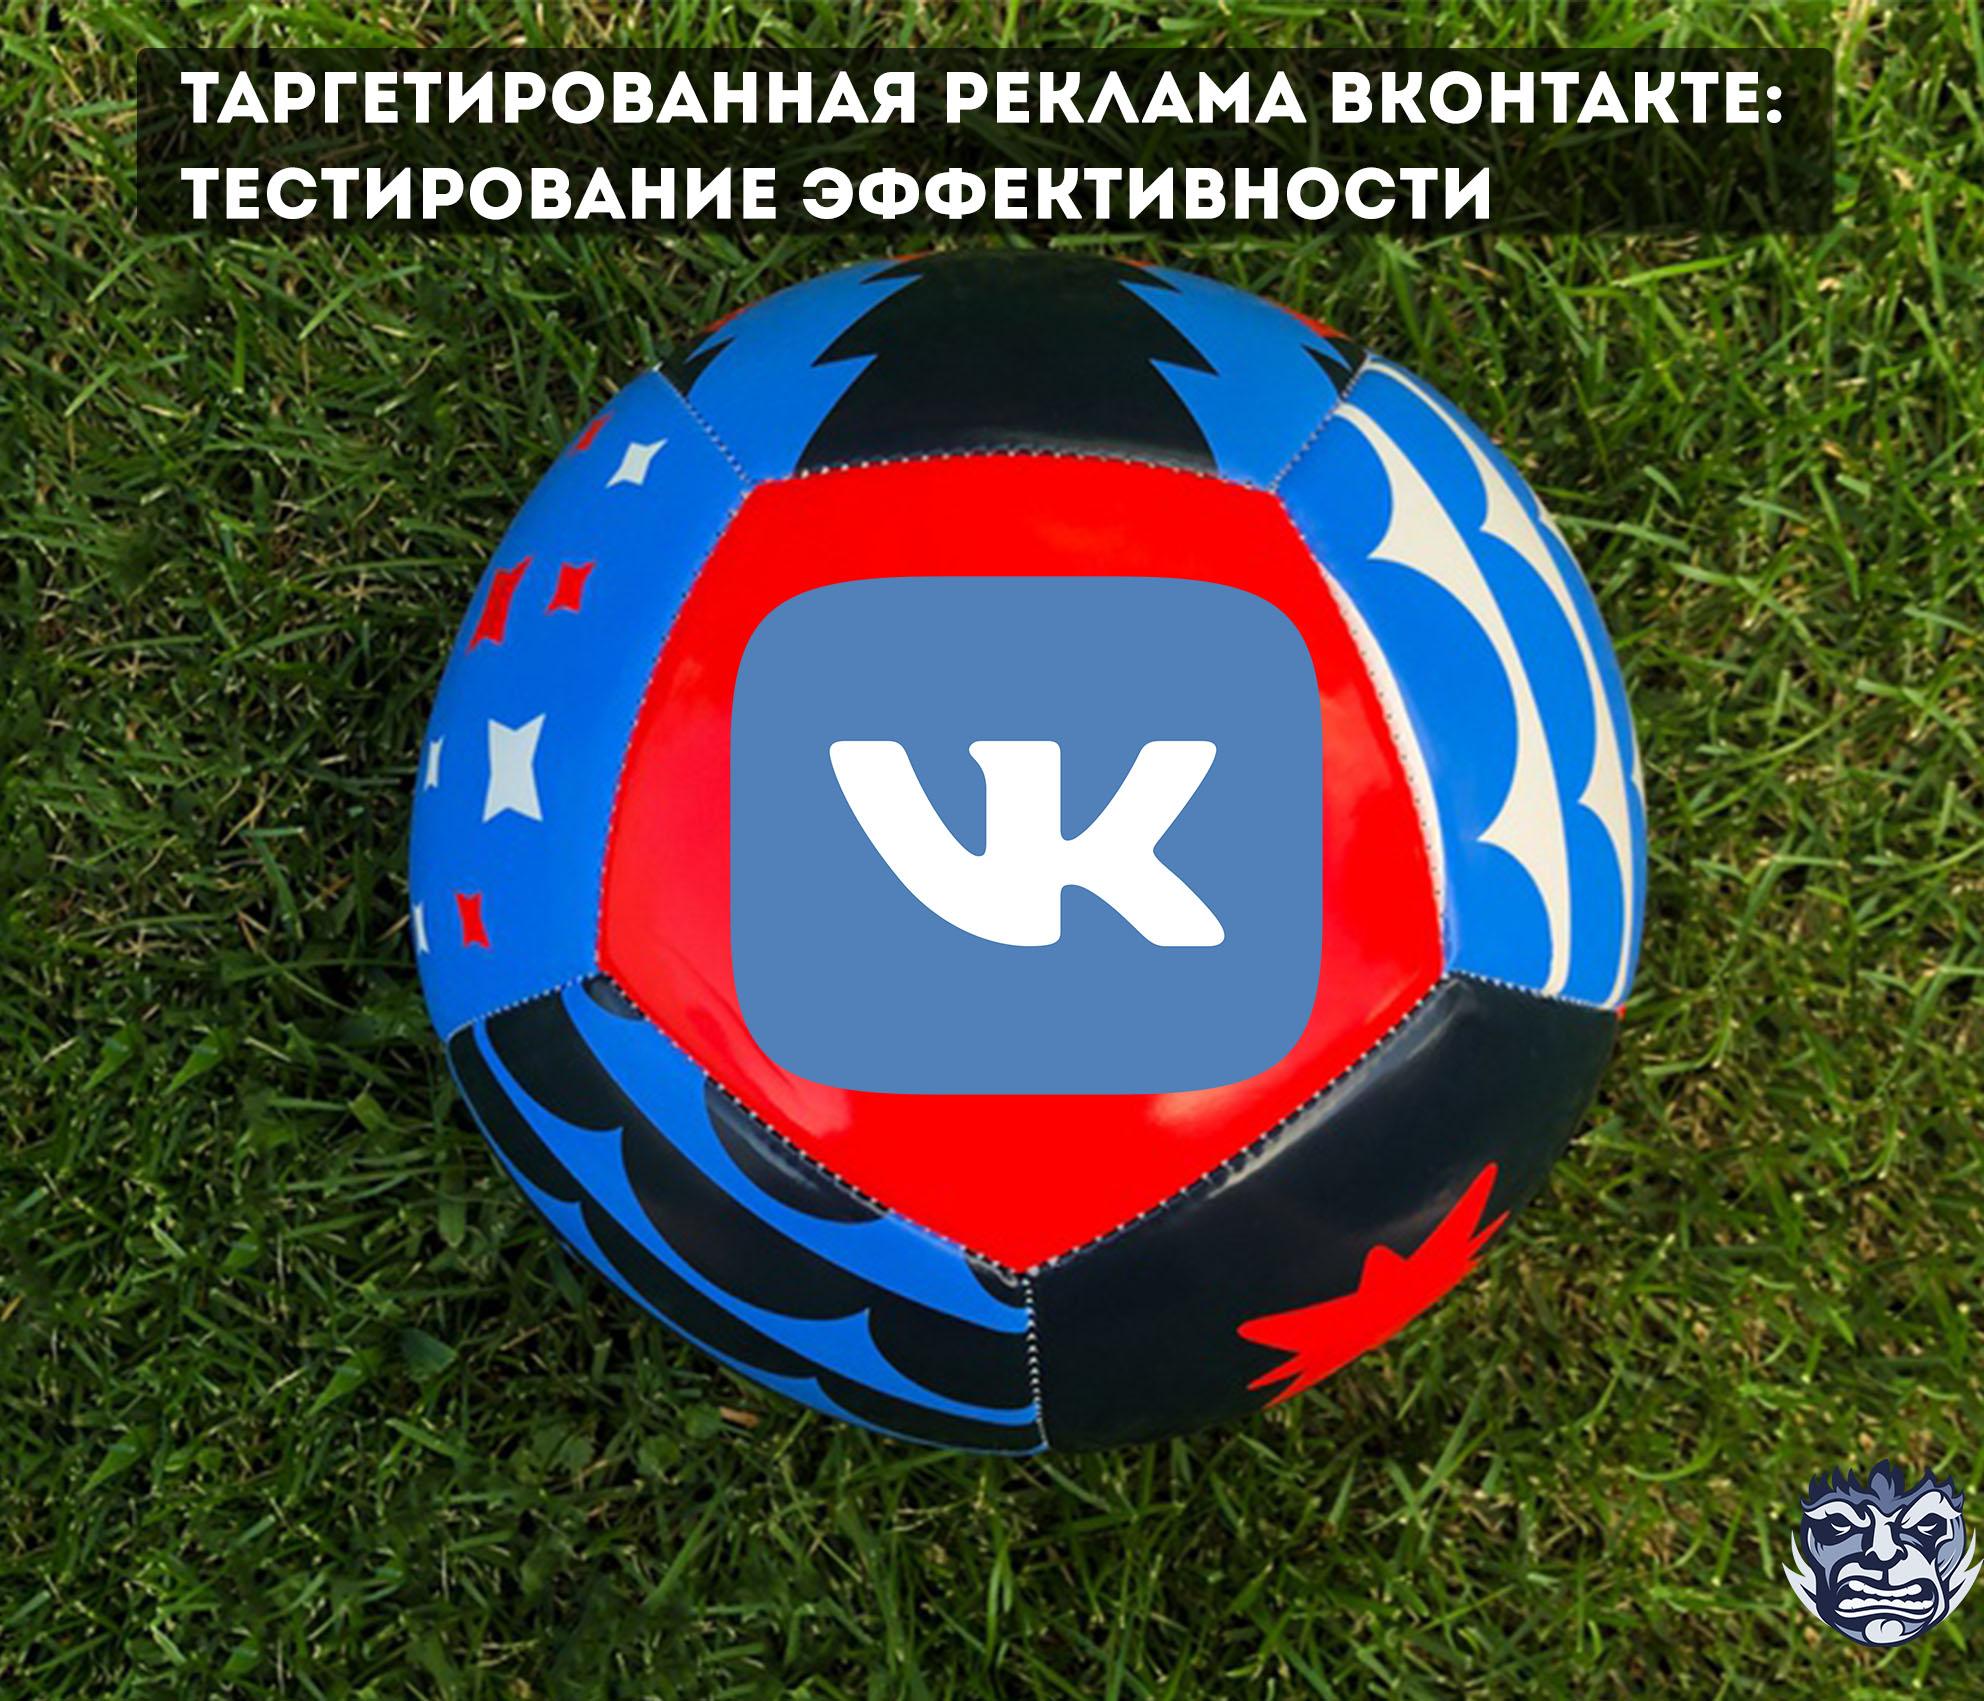 Таргетированная реклама Вконтакте - тестирование эффективности